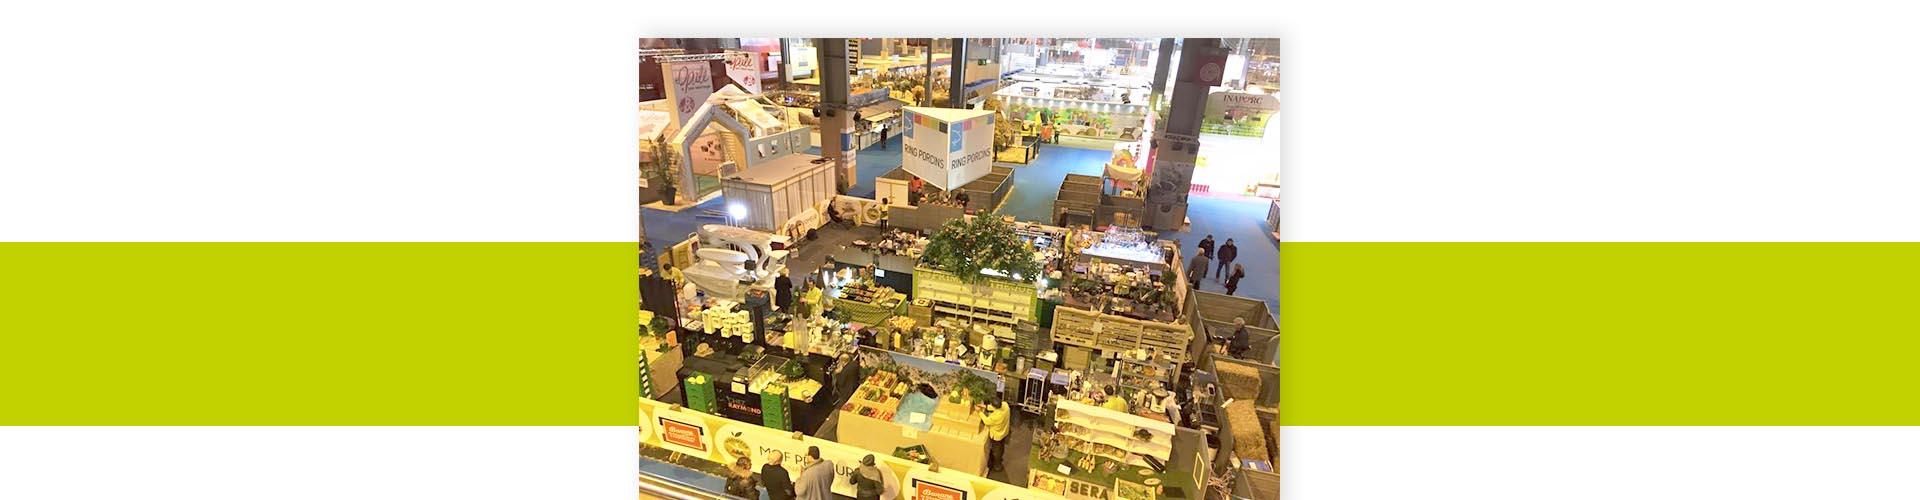 Header Salon de l'Agriculture - Frederic Jaunault MOF Primeur Fruits Legumes